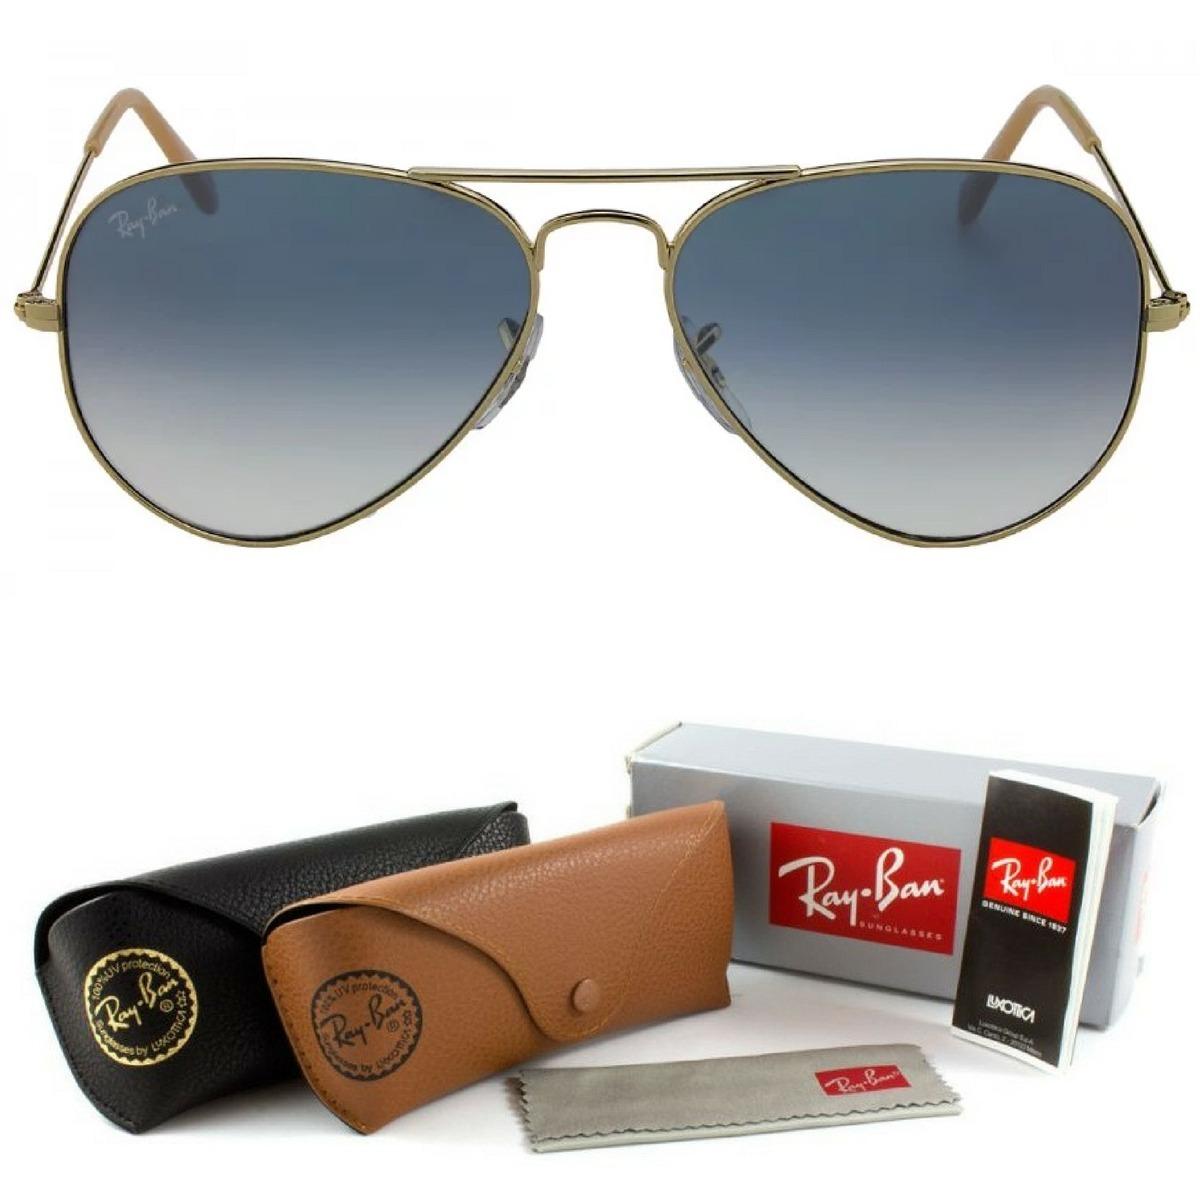 oculos sol rb aviador degrade original feminino mascu p m g. Carregando  zoom. 2955899c0c